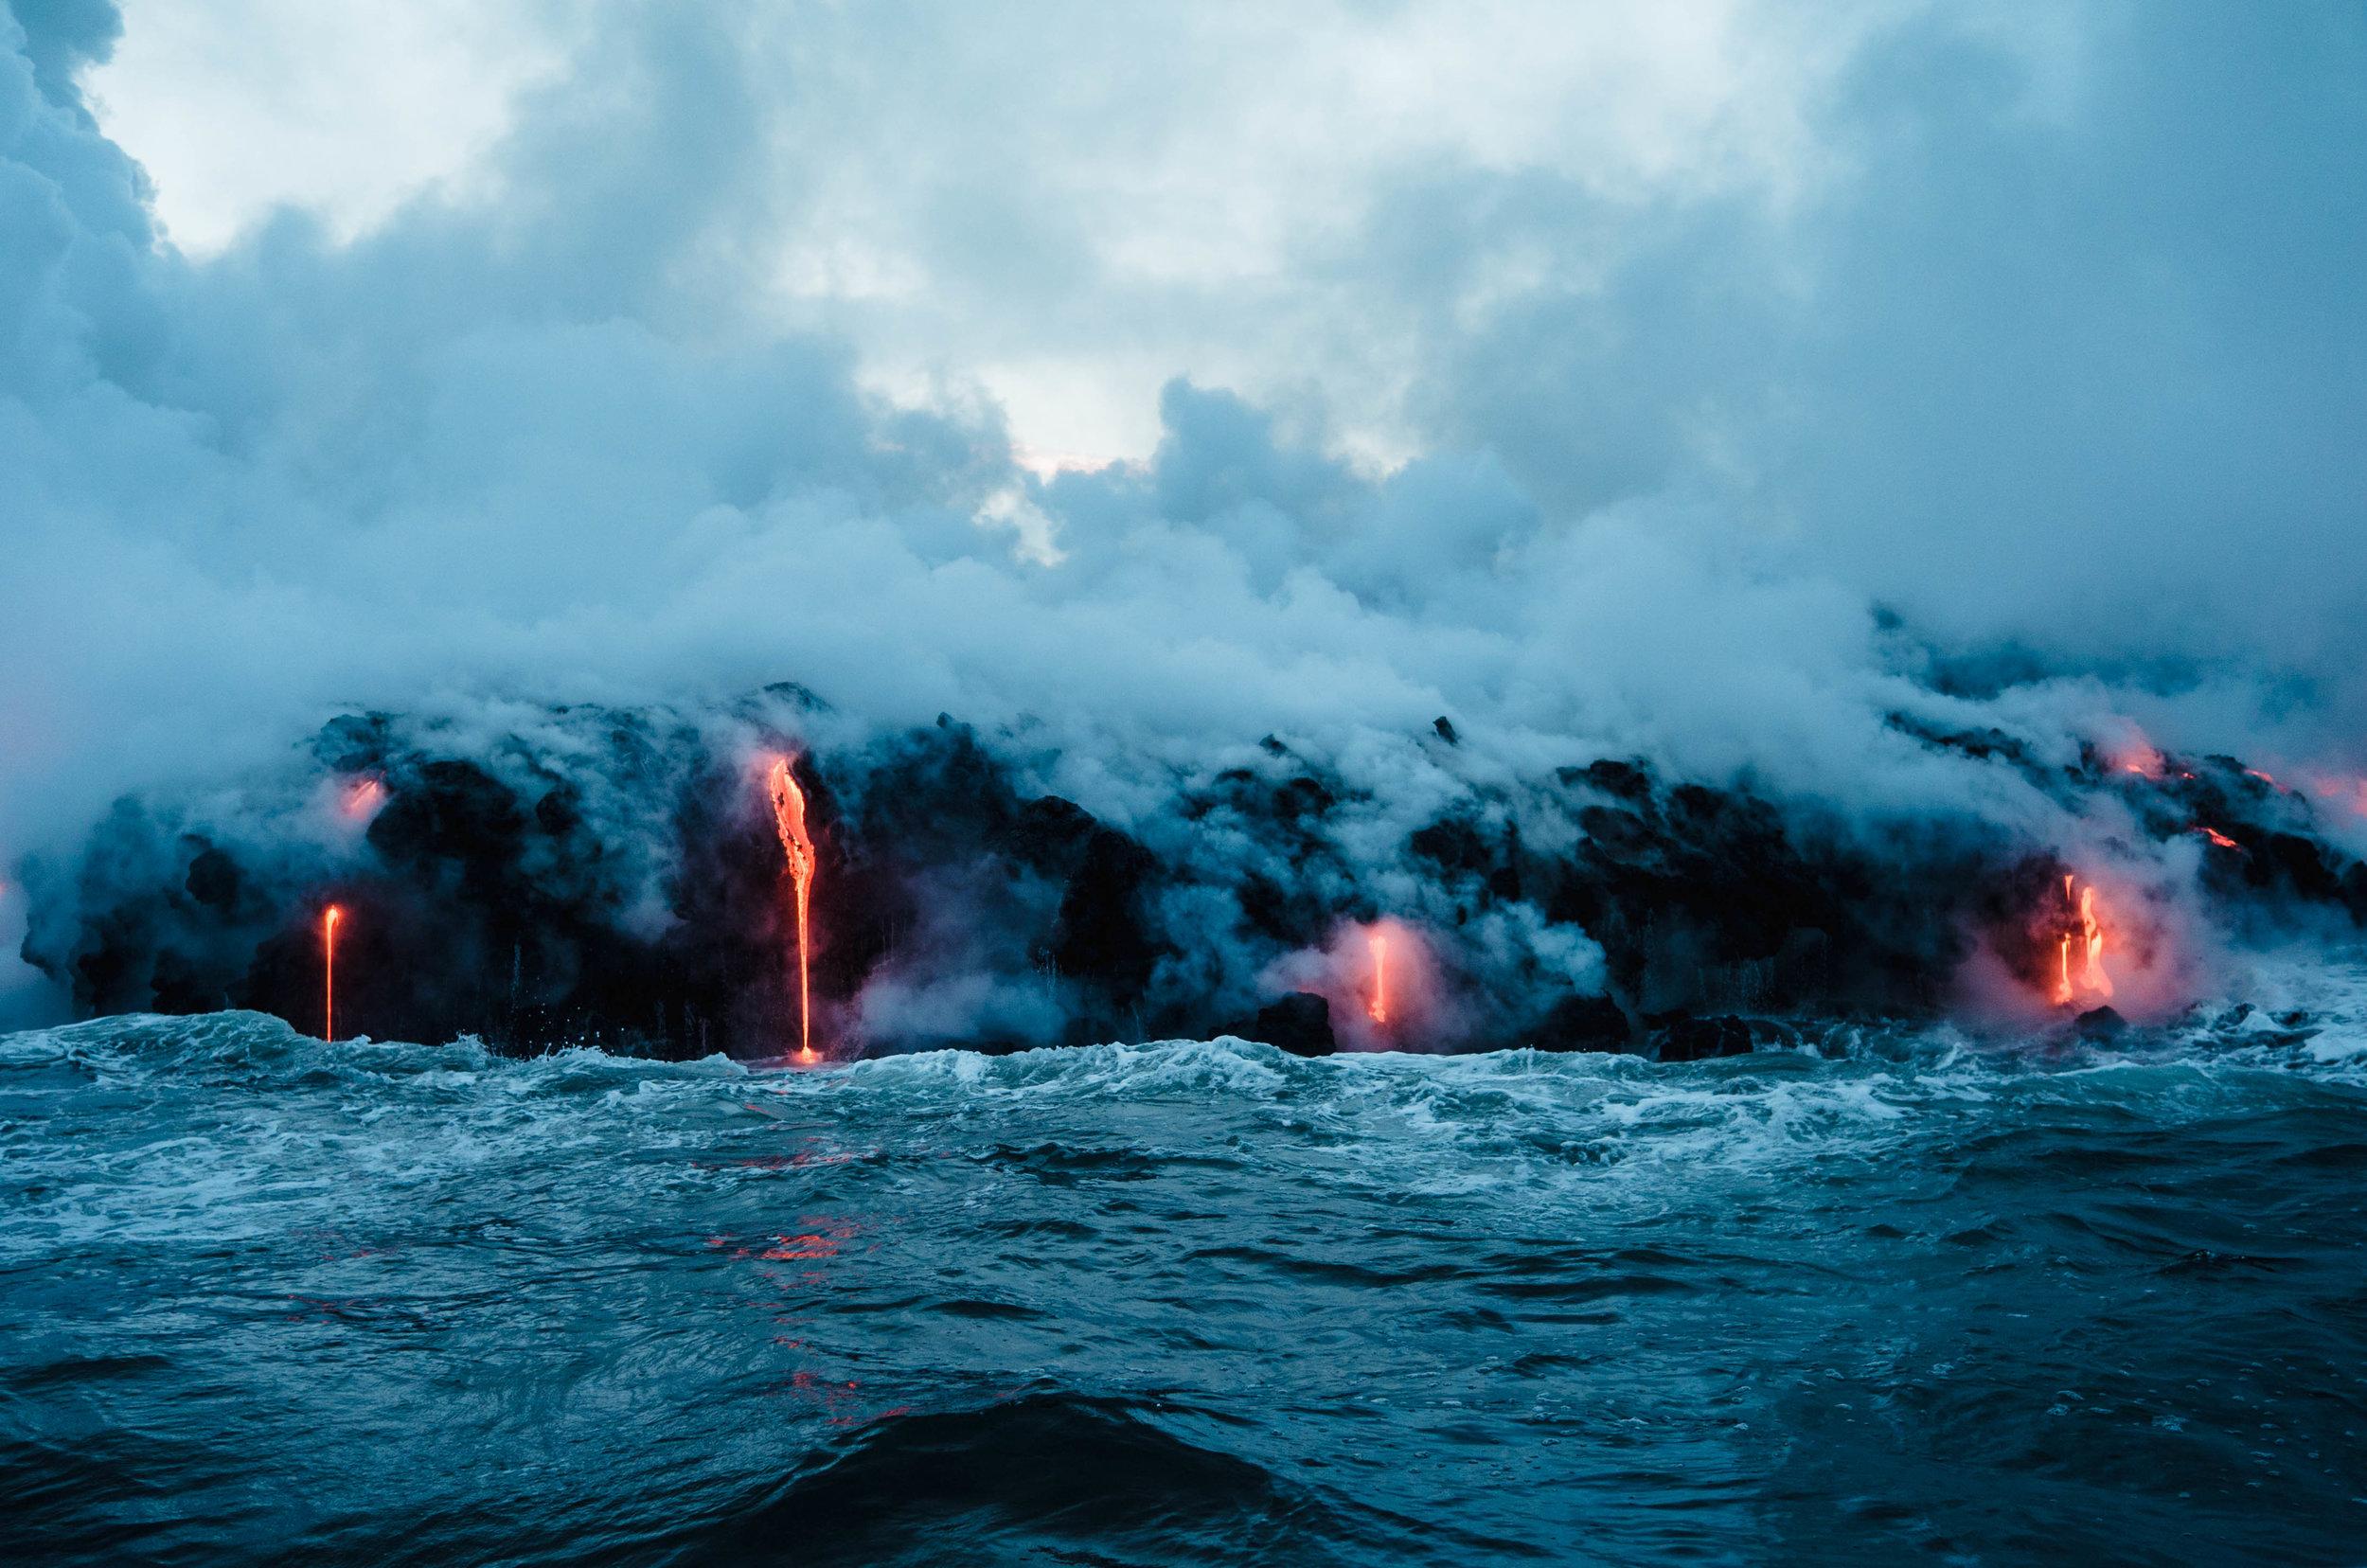 Volcanes y lava - Esta es una parada obligada en Hawaii. Ubicado en la Isla Grande (Big Island) el Parque Nacional de los Volcanes (Hawaiʻi Volcanoes National Park) será una de las experiencias más impresionantes que vas a vivir. Aquí podrás ver los volcanes activos Kīlauea y Mauna Loa, pasar por los conductos de vapor, visitar el Museo Jaggar, que cuenta con exhibiciones de vulcanología y un mirador con vistas al cráter Halema'uma'u. No olvides ver los impresionantes ríos de lava.